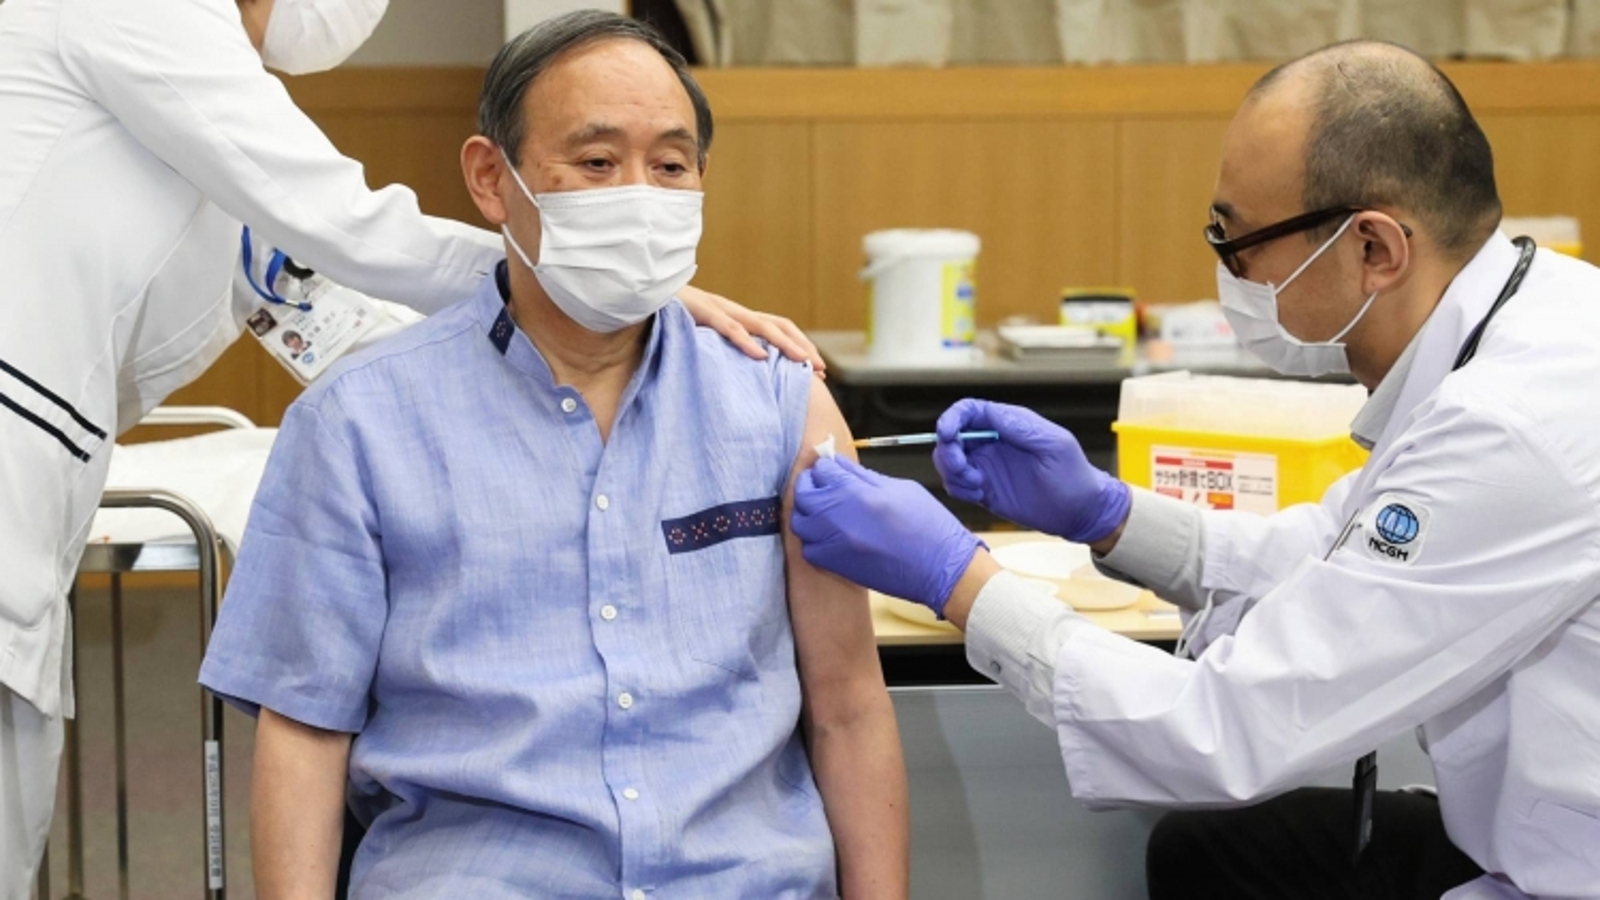 Thủ tướng Nhật Bản hoàn thành tiêm vaccine Covid-19, chuẩn bị gặp Tổng thống Mỹ